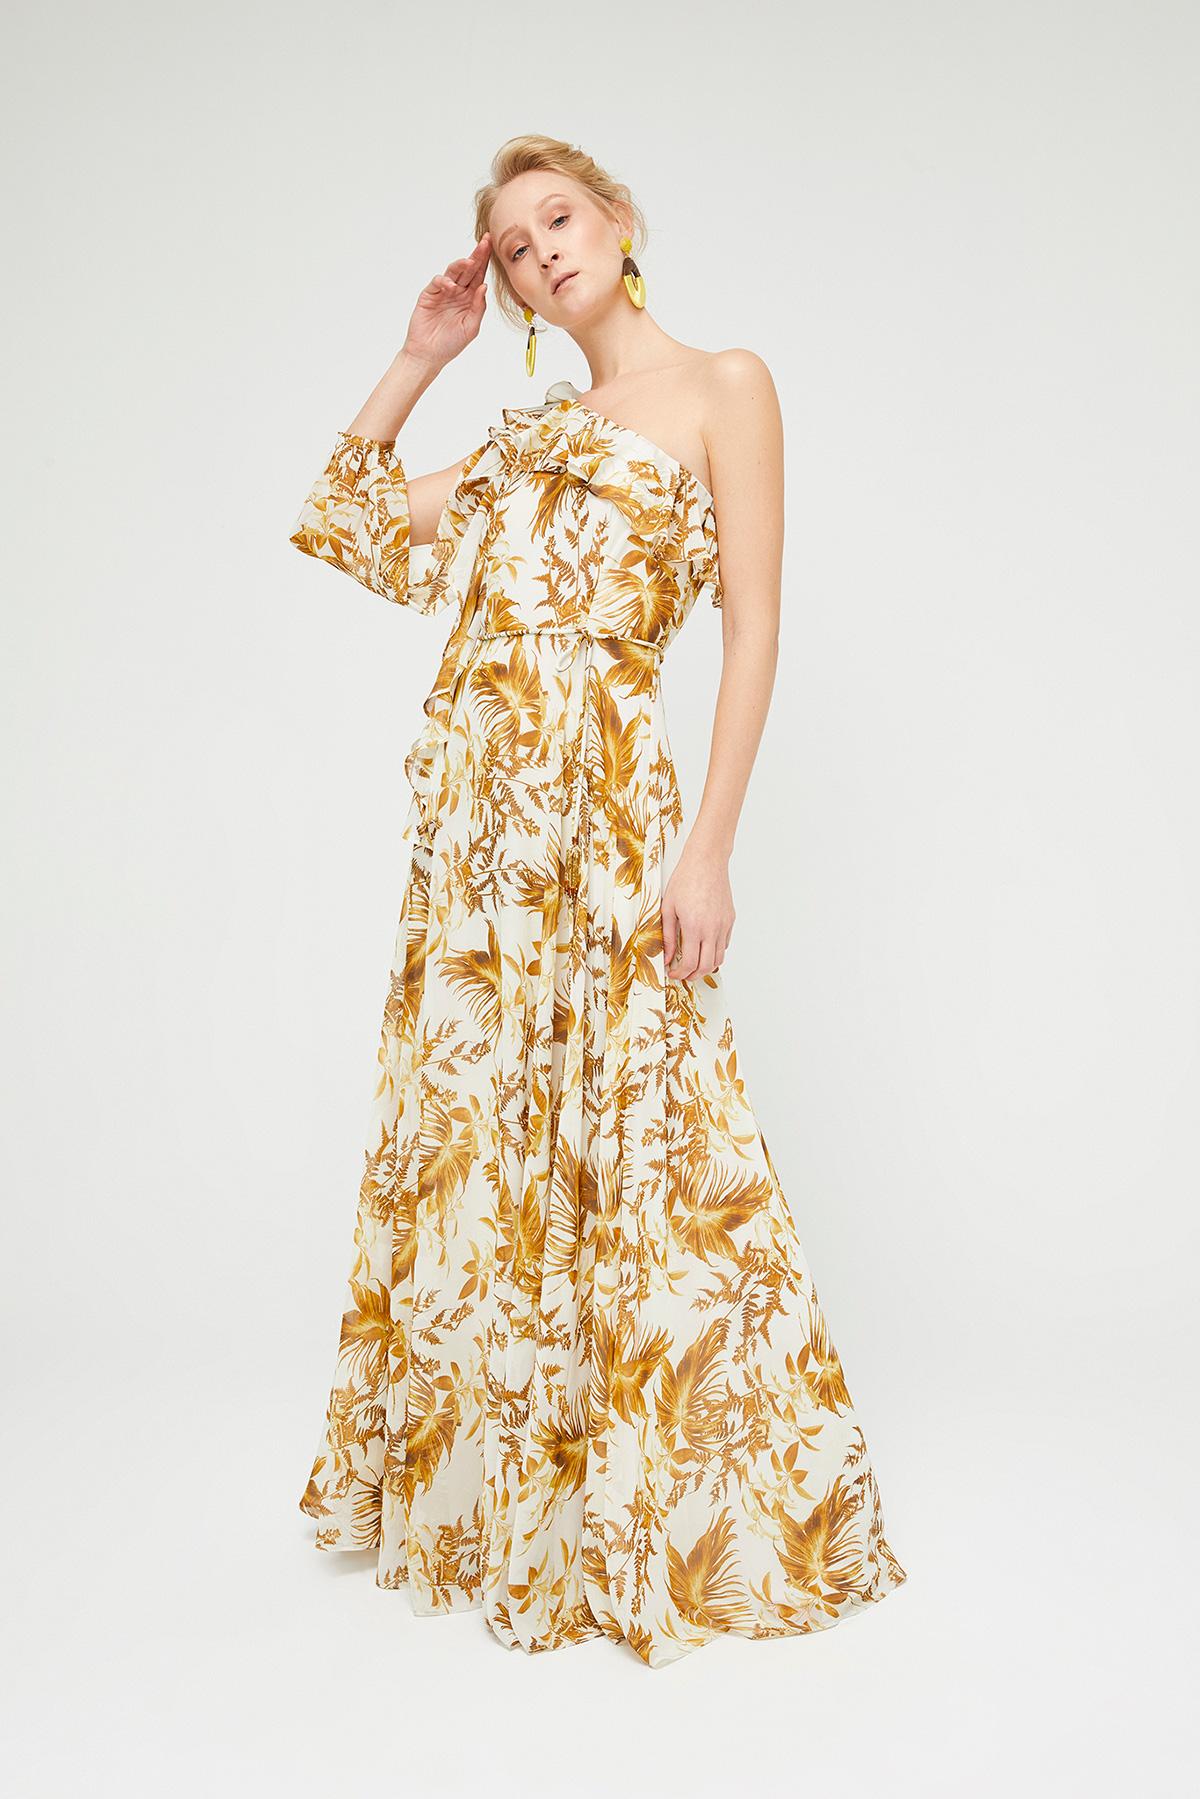 49388ab72e243 Saffron One Shoulder Maxi Dress – Divine Boutique